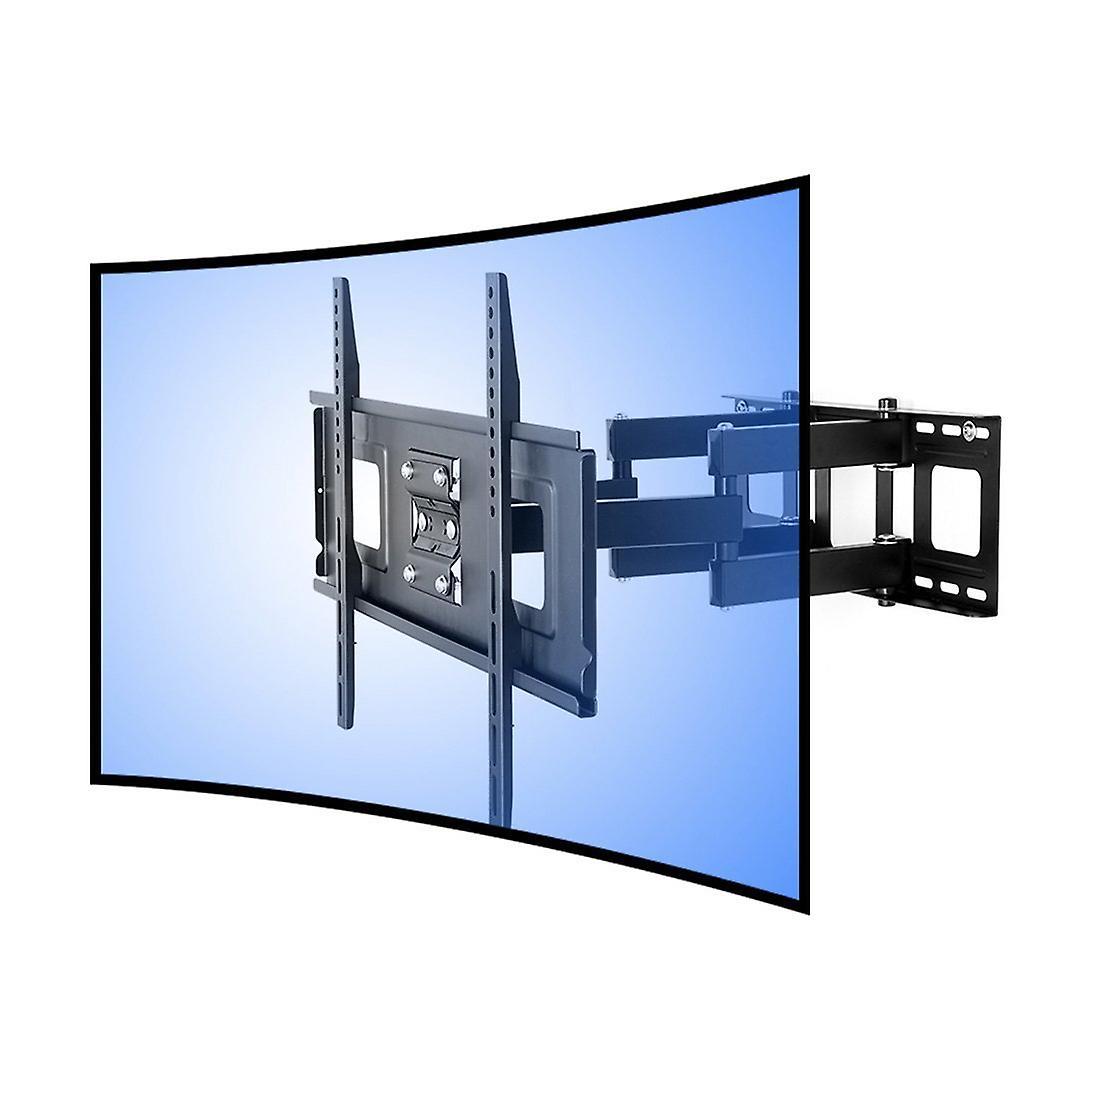 Fleximtellingen Cr1 gebogen paneel articuleren TV muurbeugel-dubbele arm voor 32-65